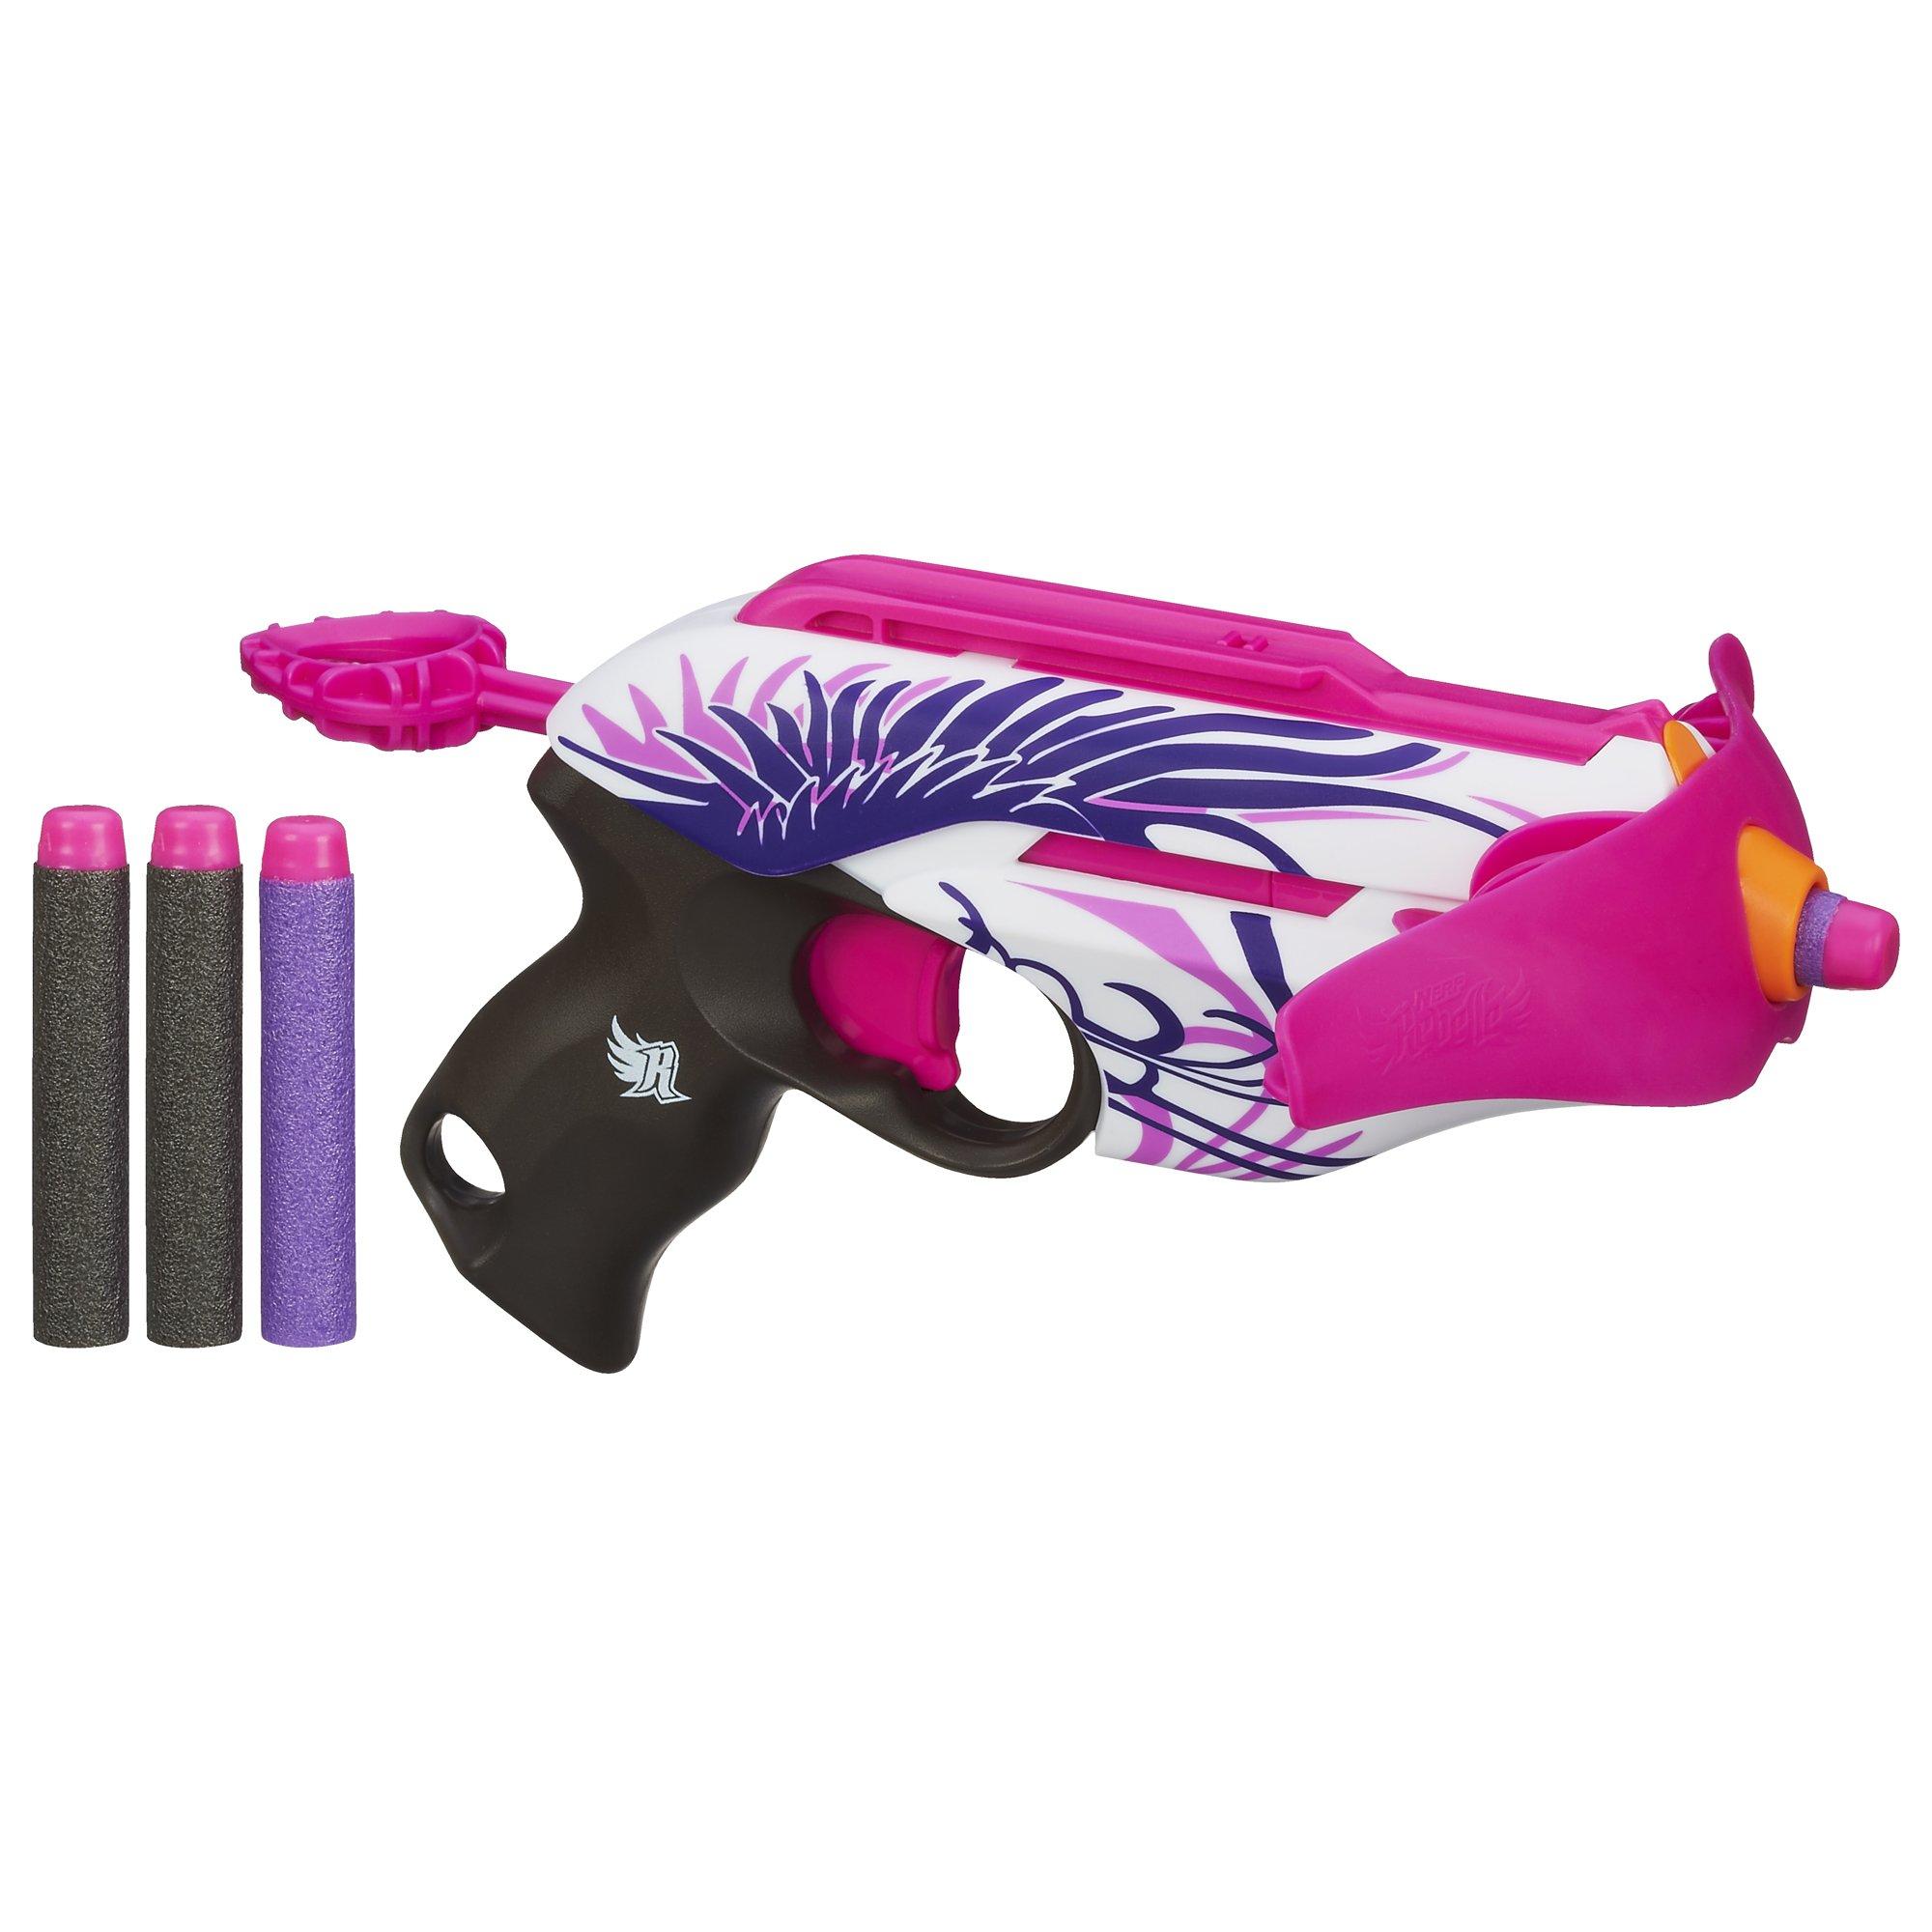 Hasbro Nerf Rebelle Pink Crush Blaster